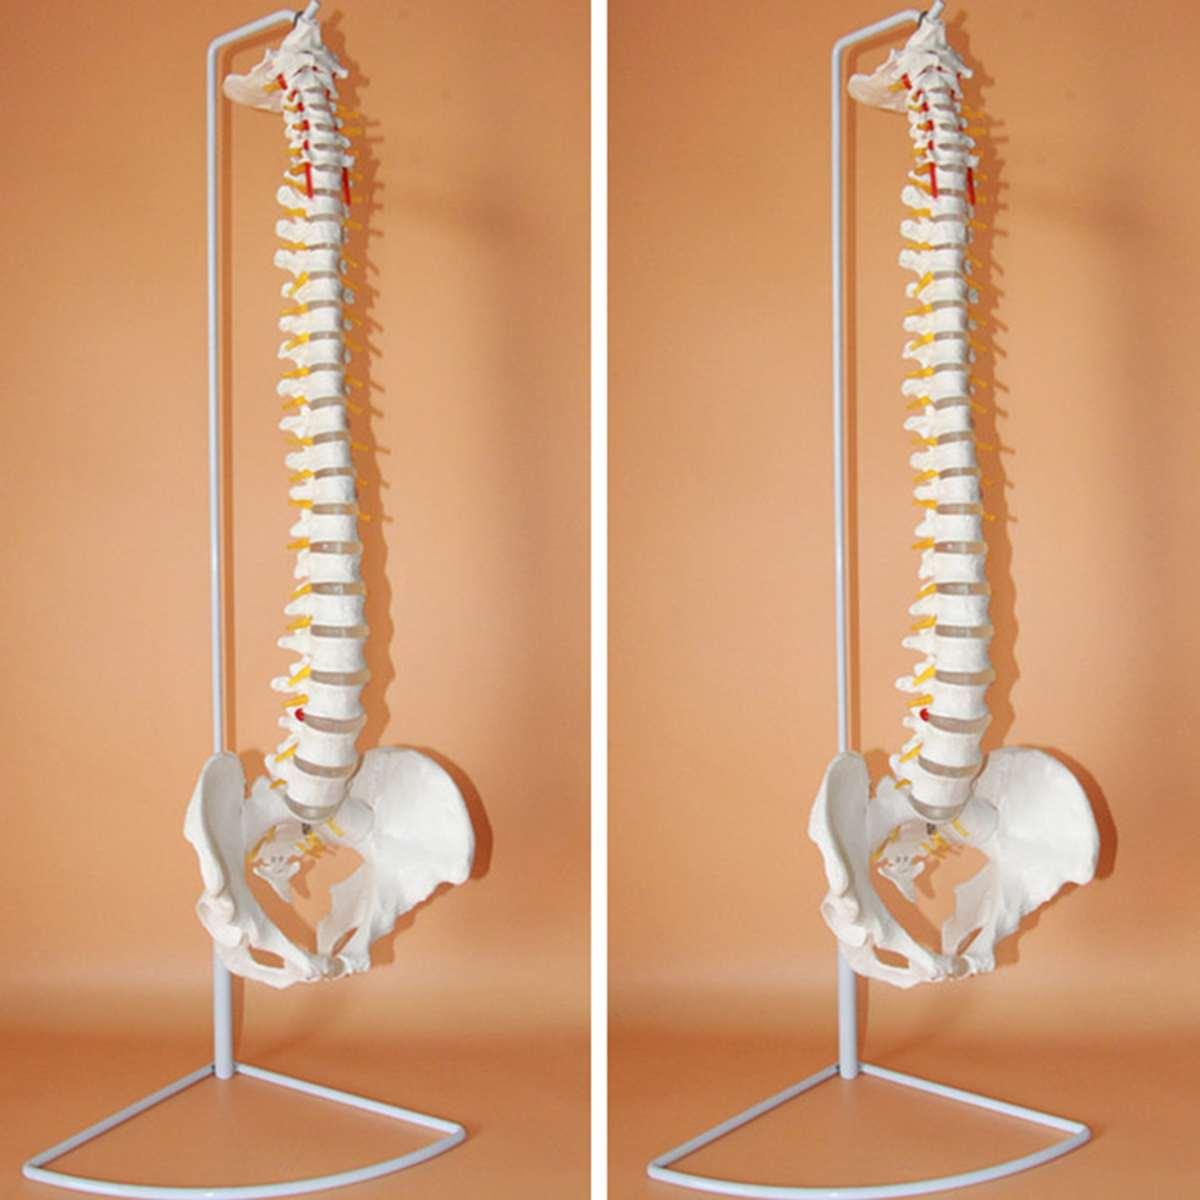 Modelo de anatomía anatómica de la columna humana quiropráctica Flexible del tamaño de la vida de 73 cm con el soporte de la Escuela de la ciencia médica modelo educativo